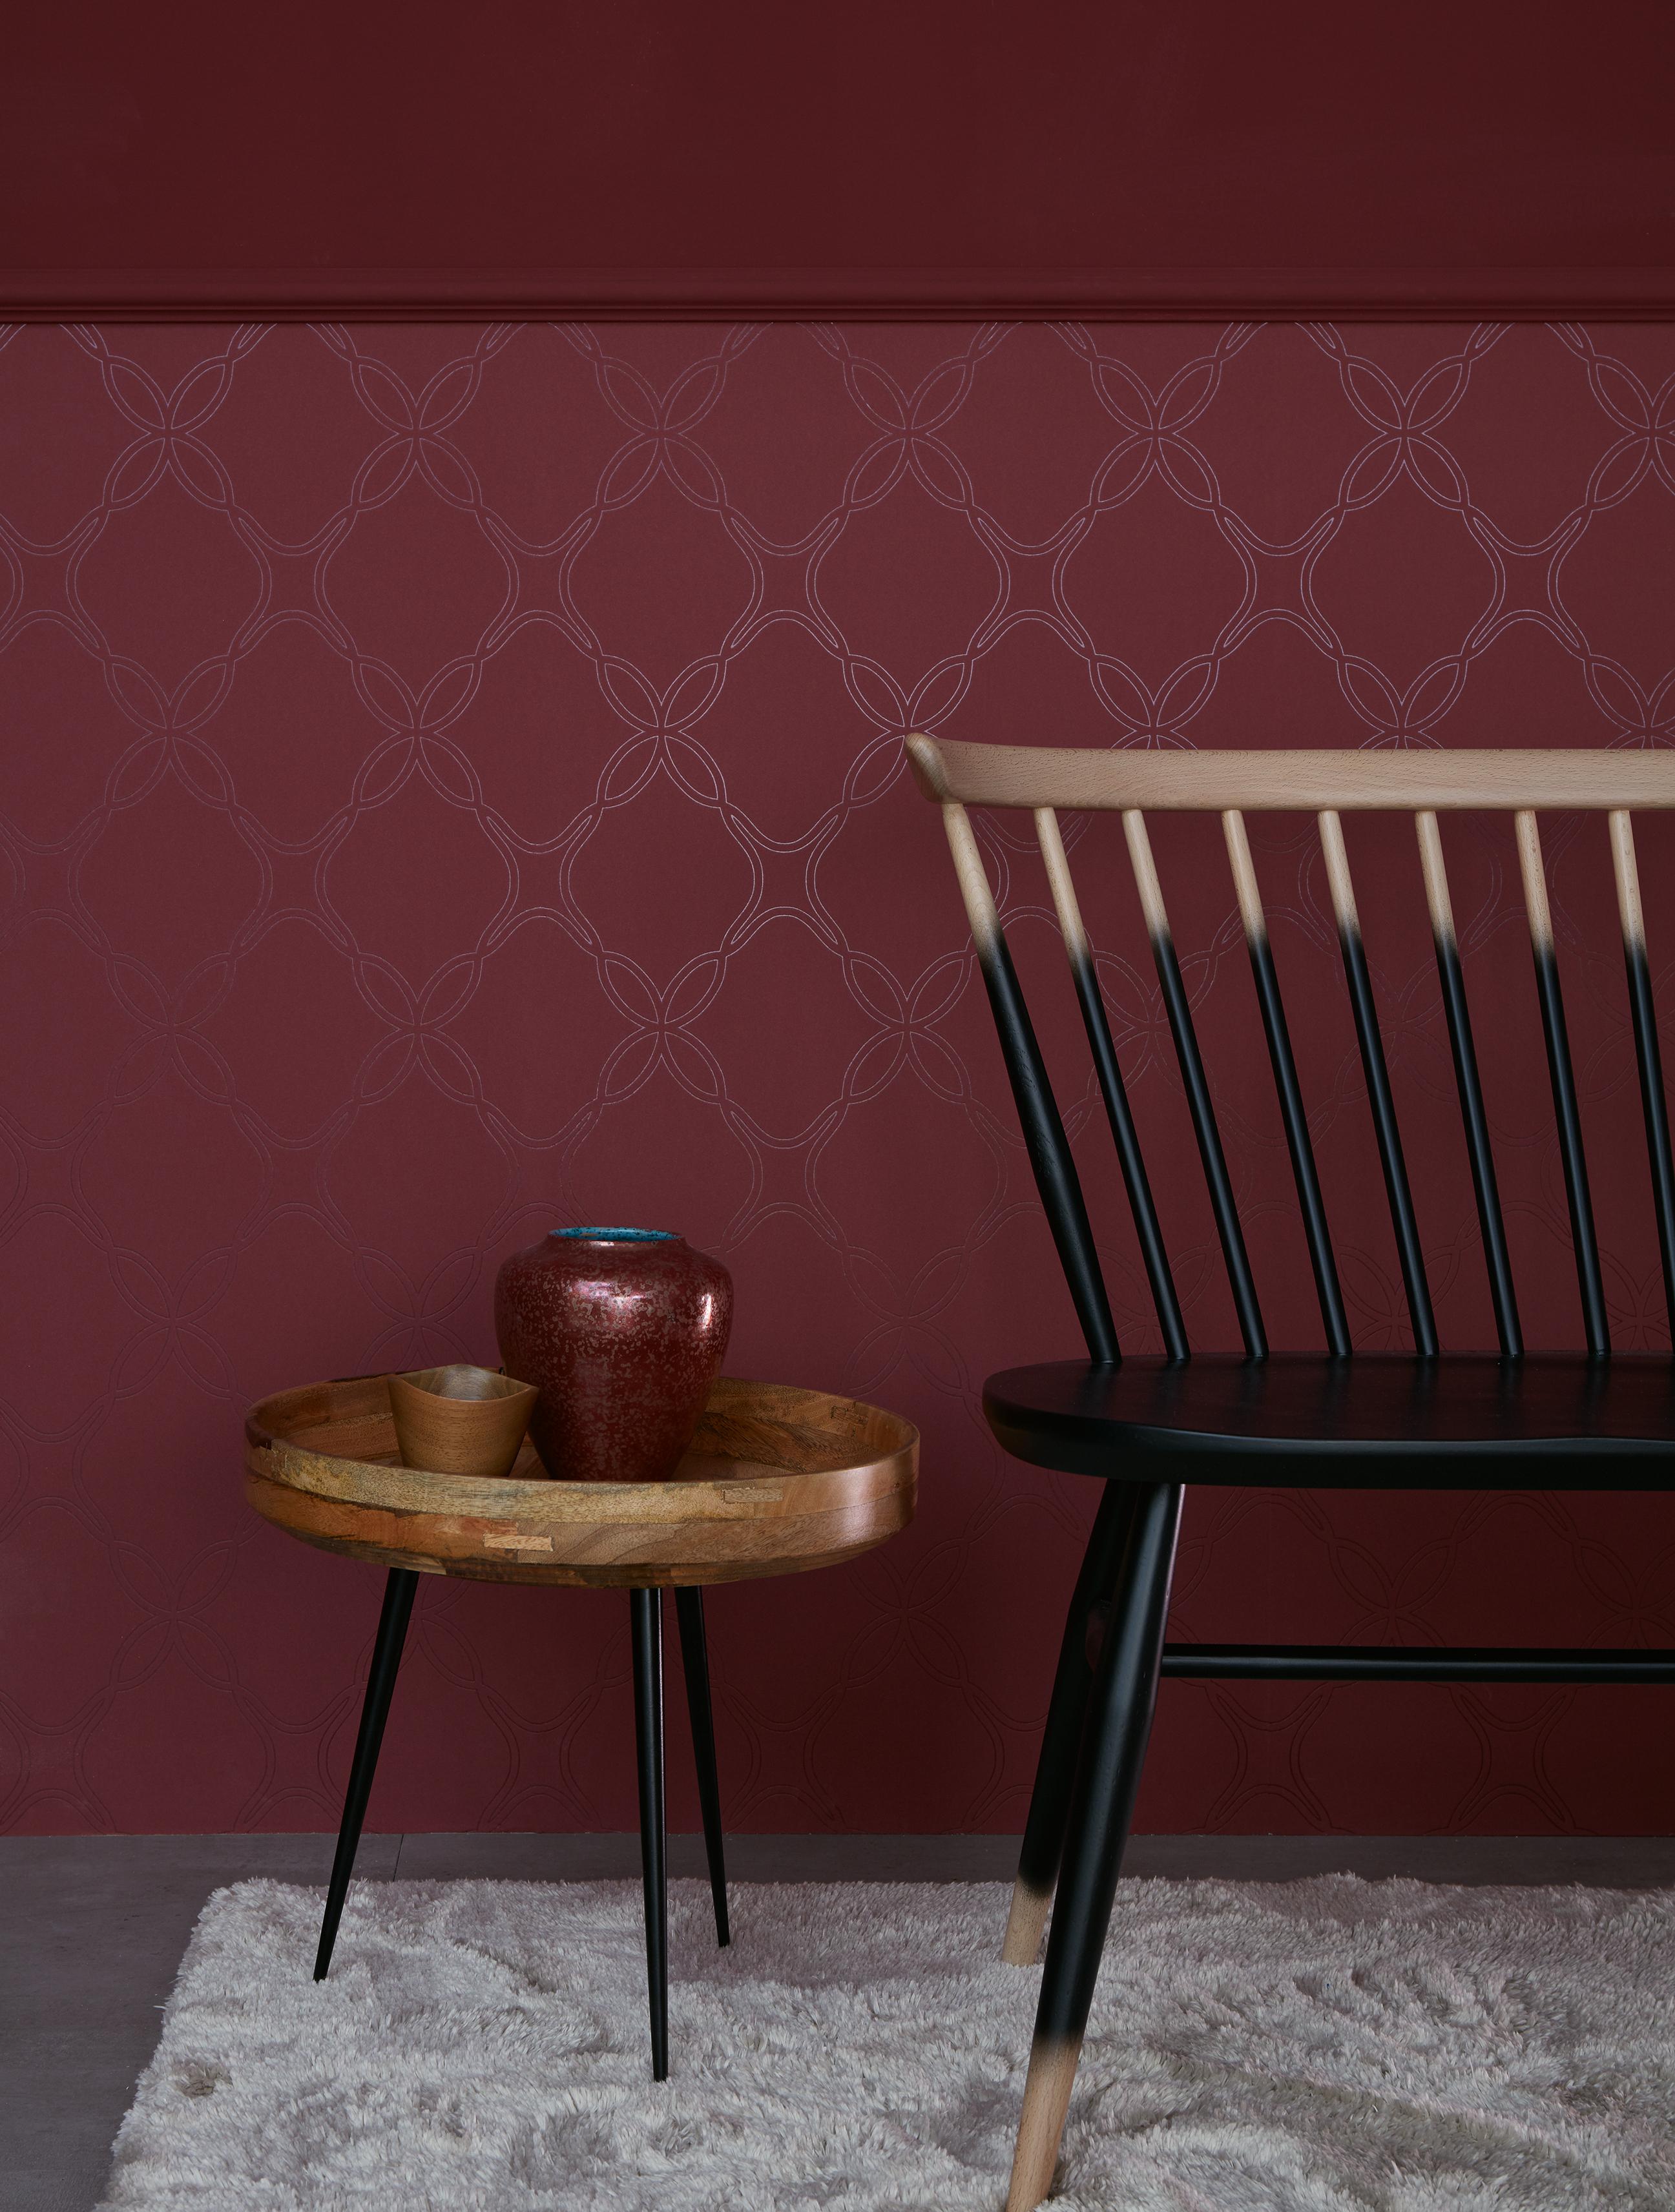 rote tapeten joratrend tapetenshop. Black Bedroom Furniture Sets. Home Design Ideas